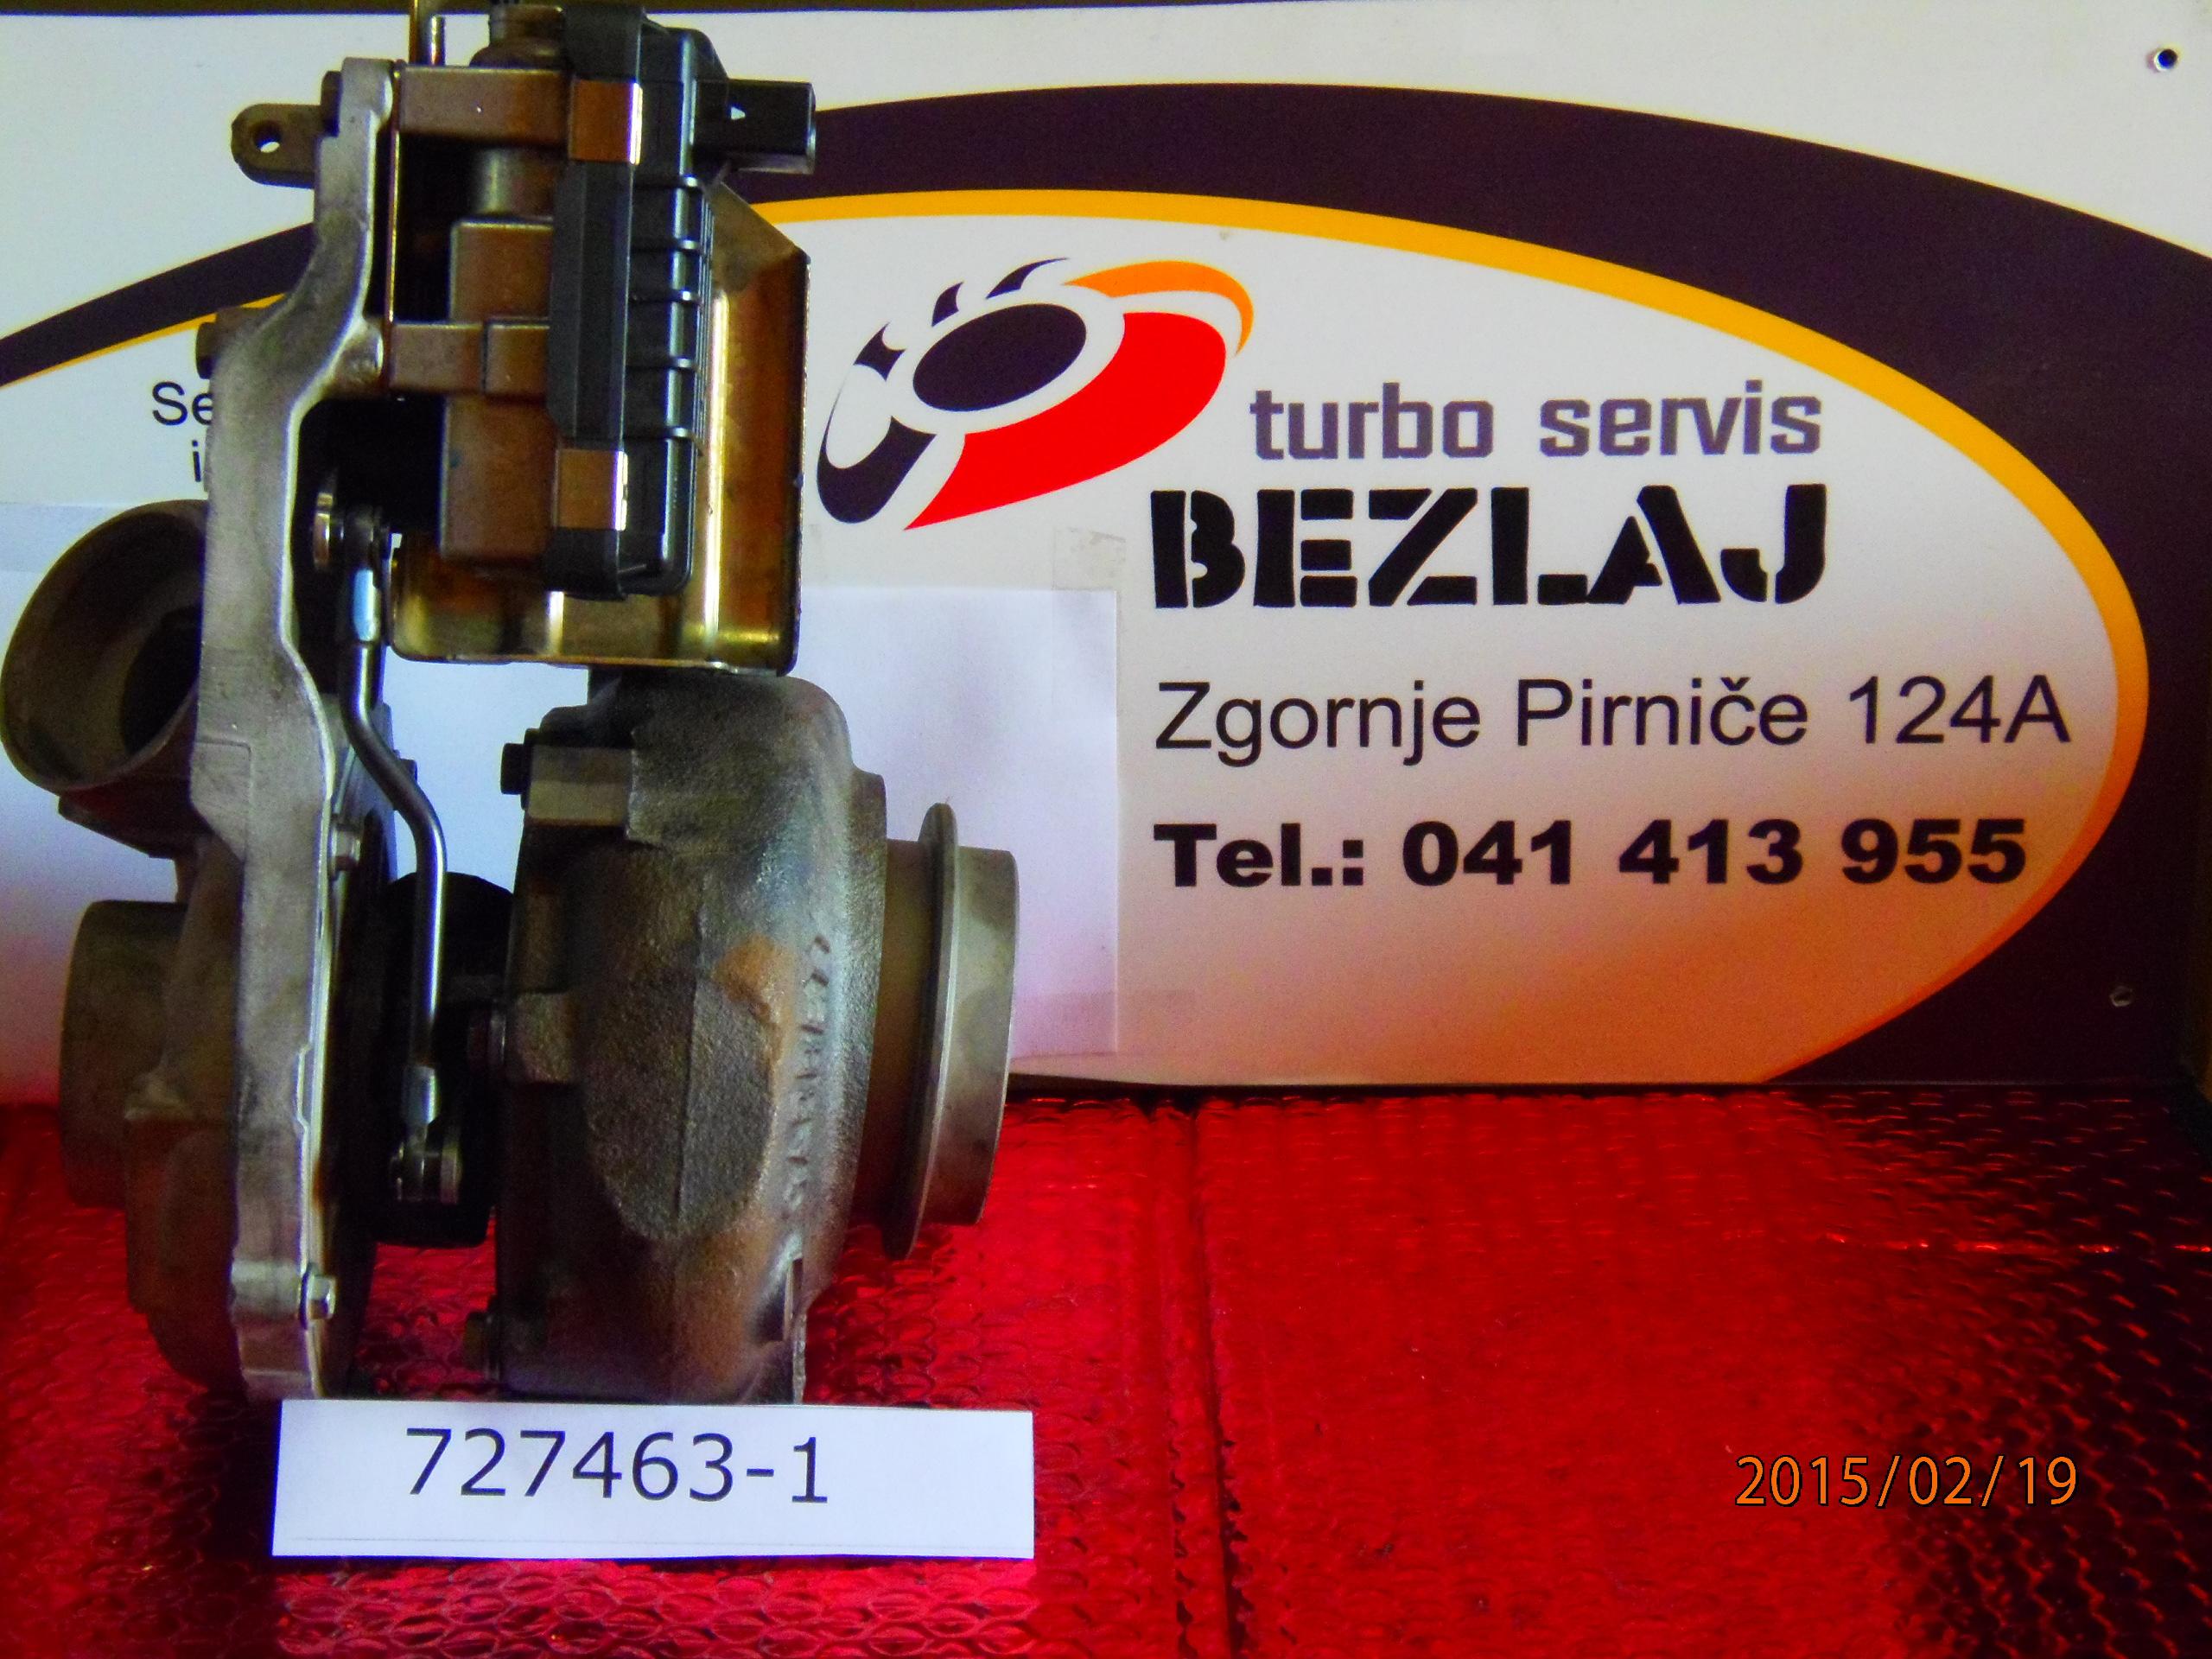 turbo727463-1 (2)